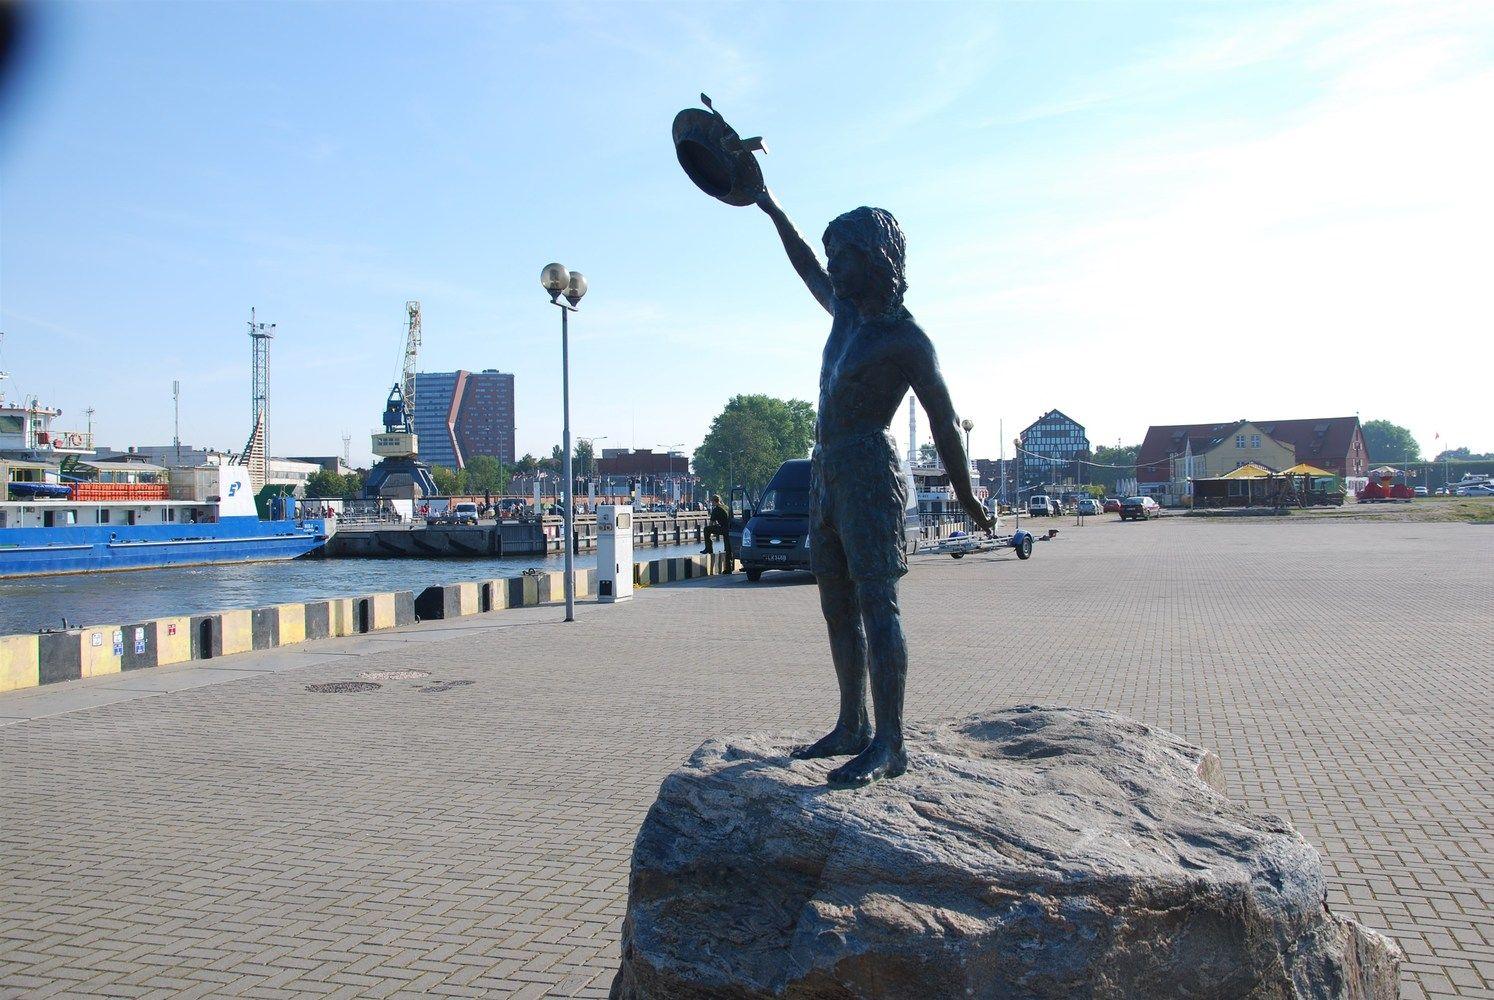 Kol Klaipėda ieško naujų augimo šaltinių, Kaunas jai lipa ant kulnų